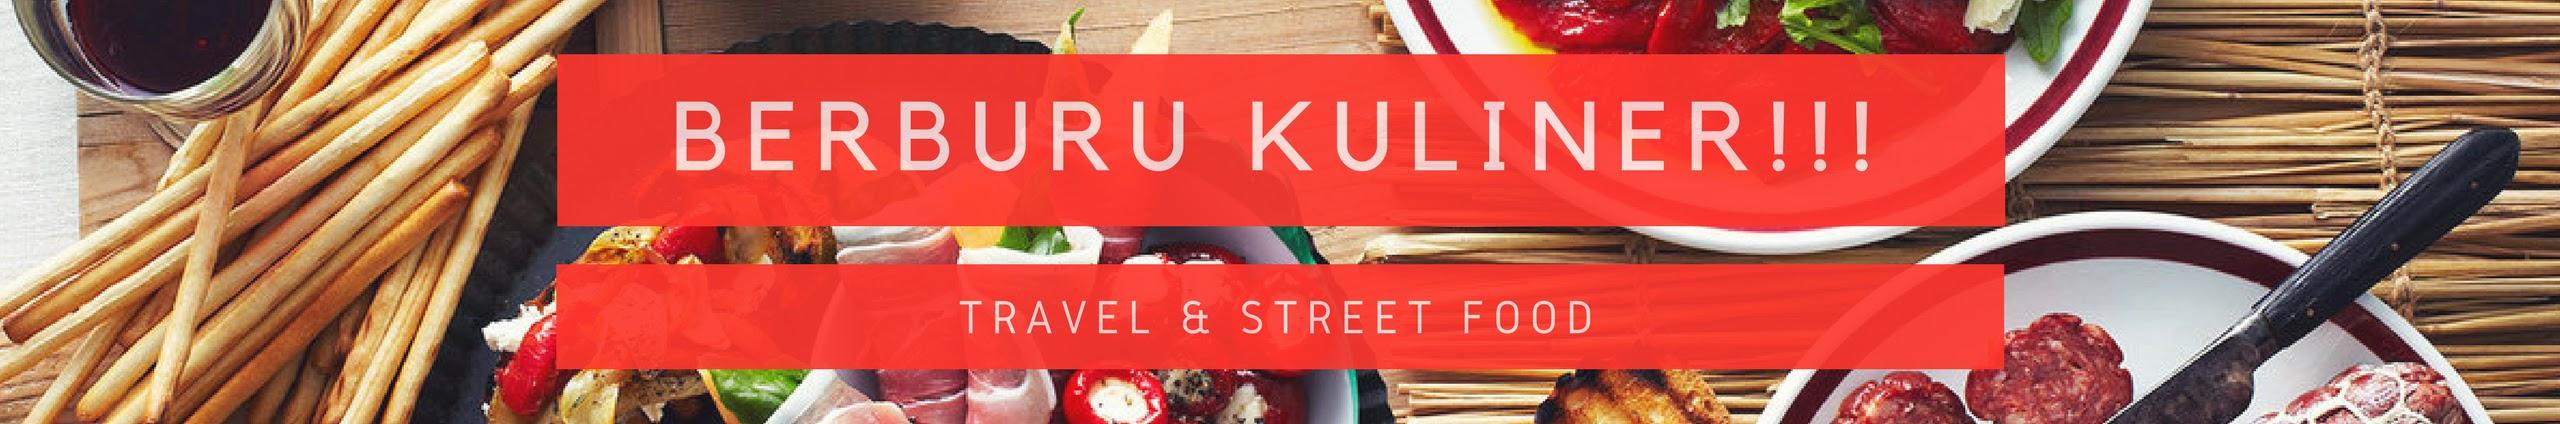 Berburu Kuliner Youtube Channel Analytics And Report Powered